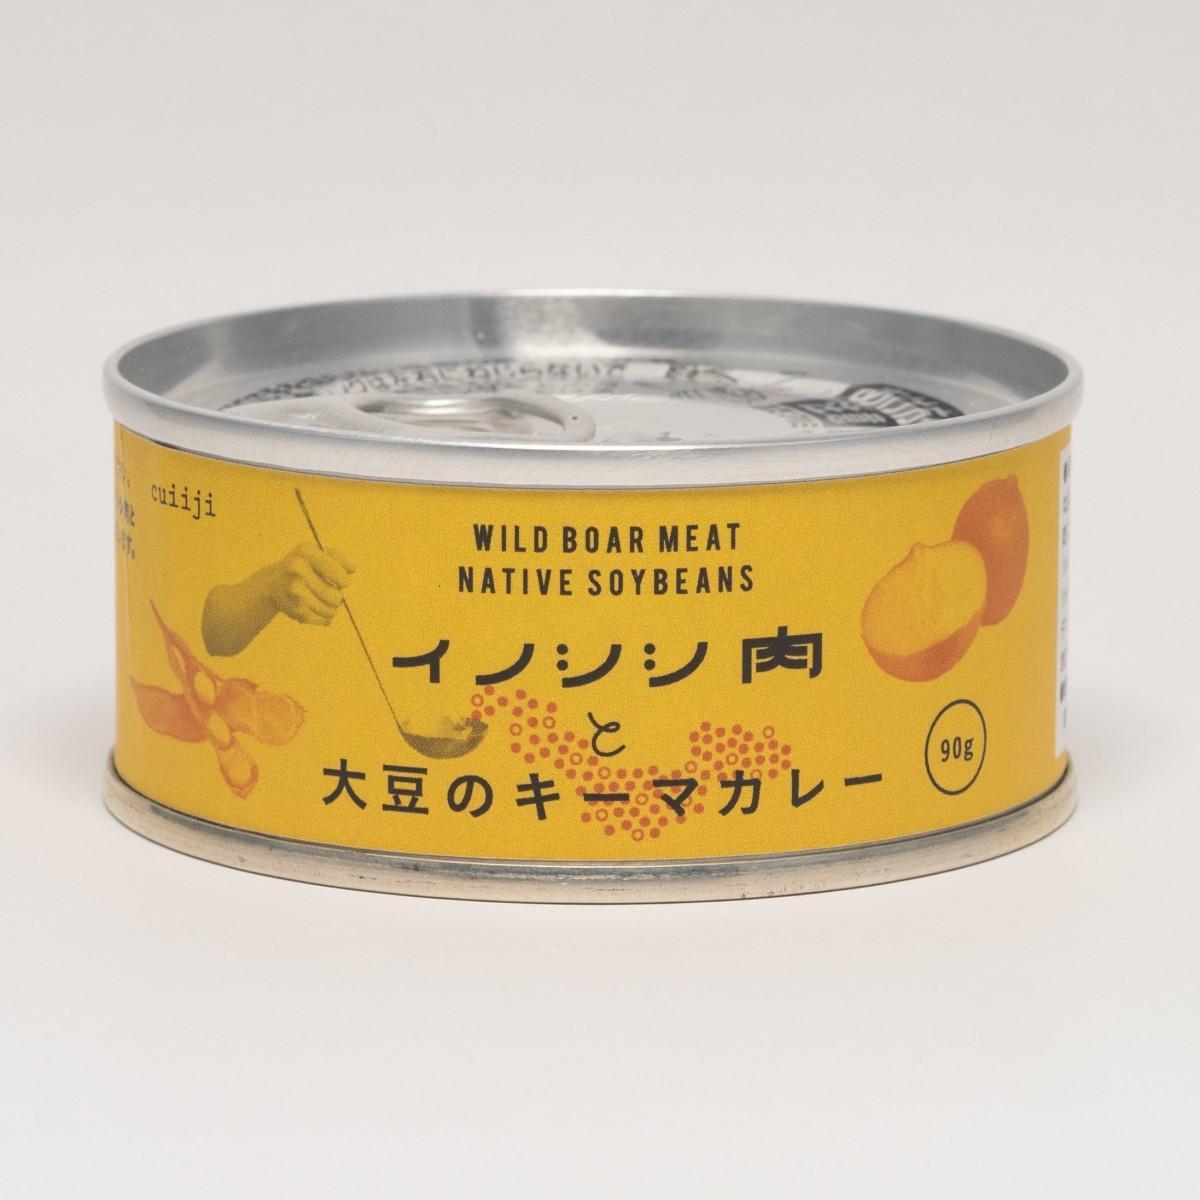 島根のイノシシと三重の大豆 地域連携によるコラボカレー発売